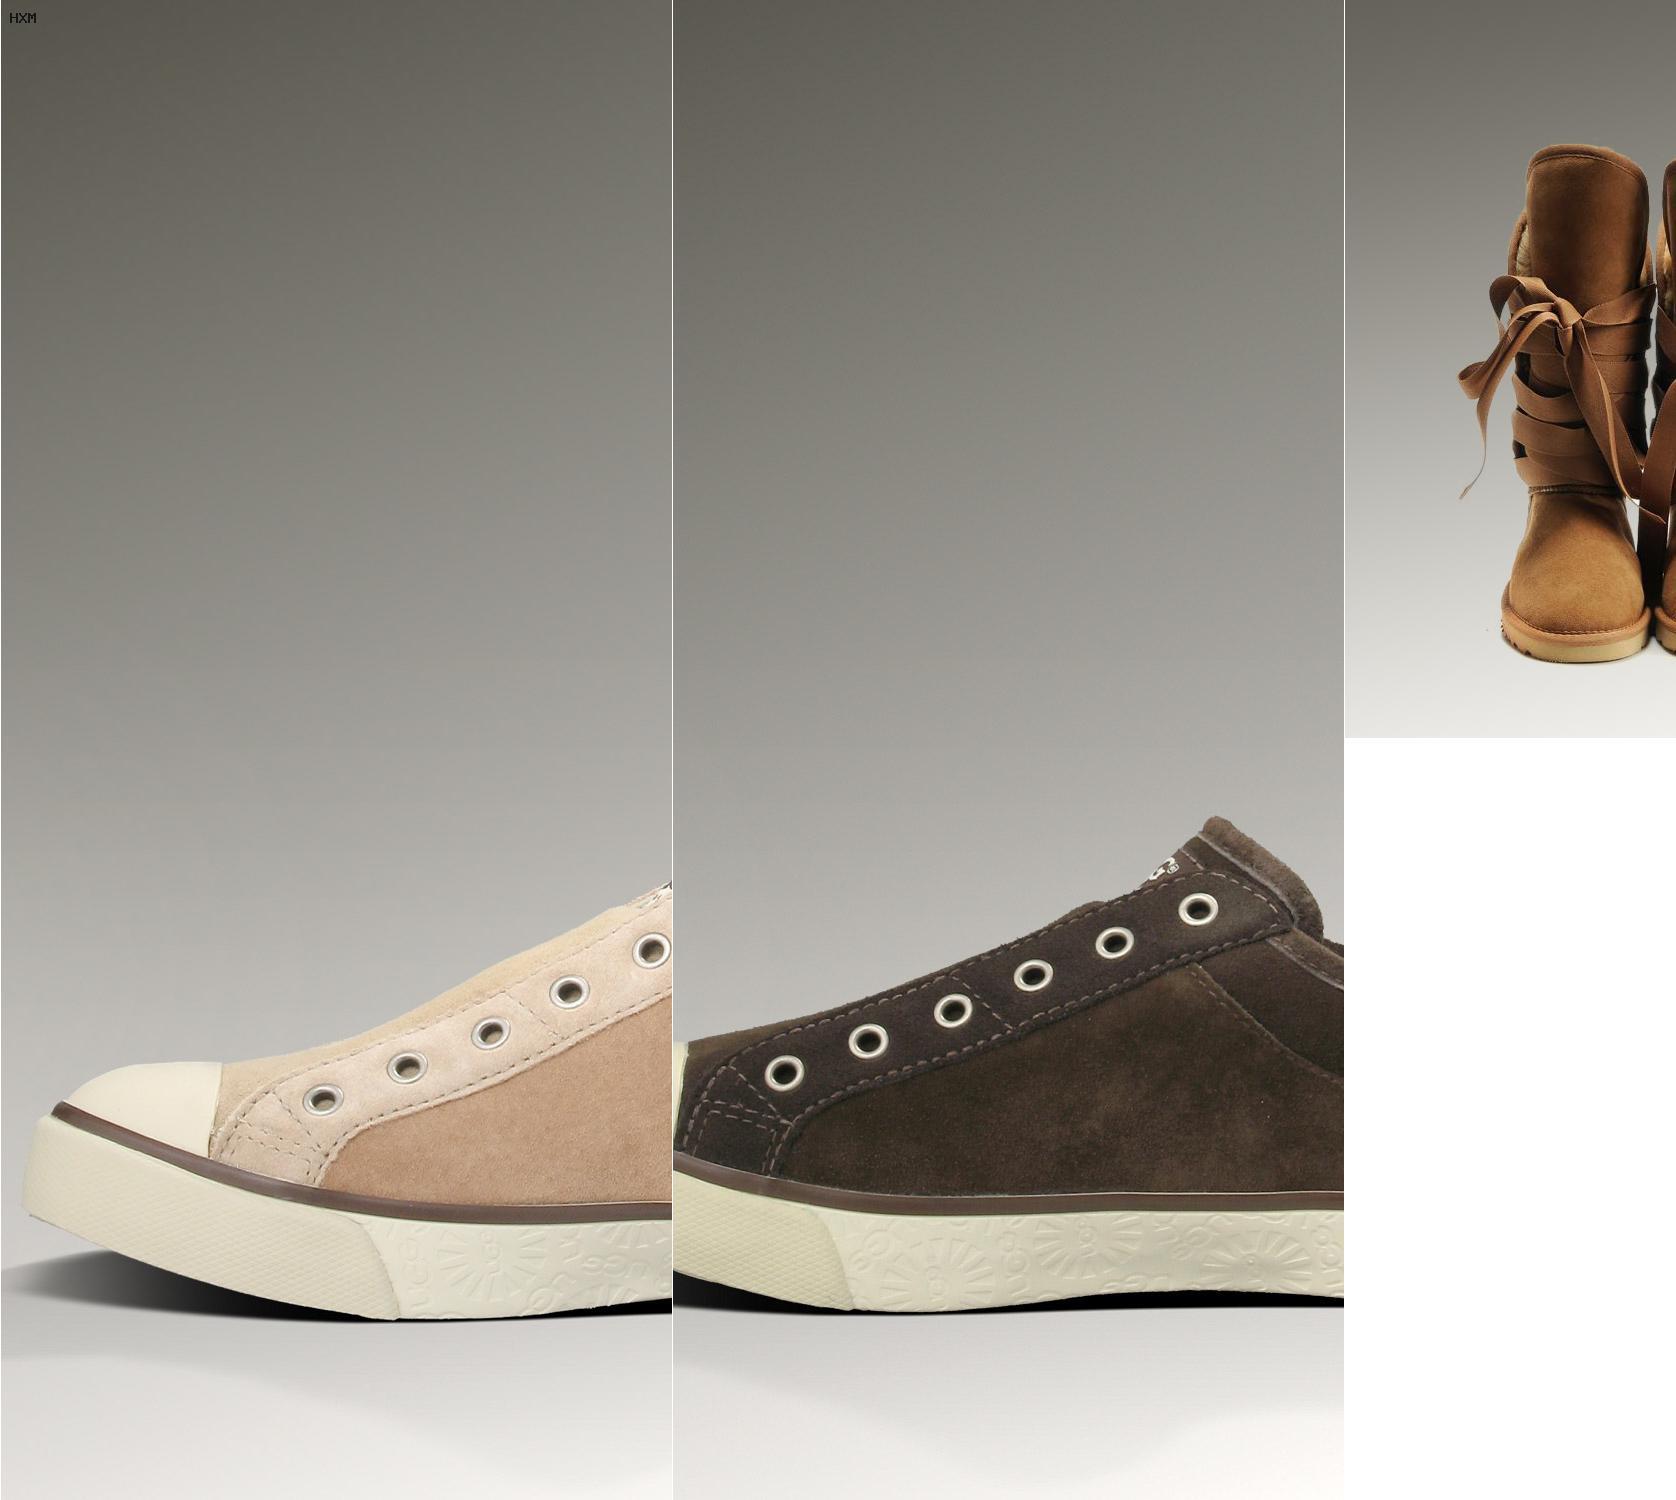 nuevos modelos de botas ugg